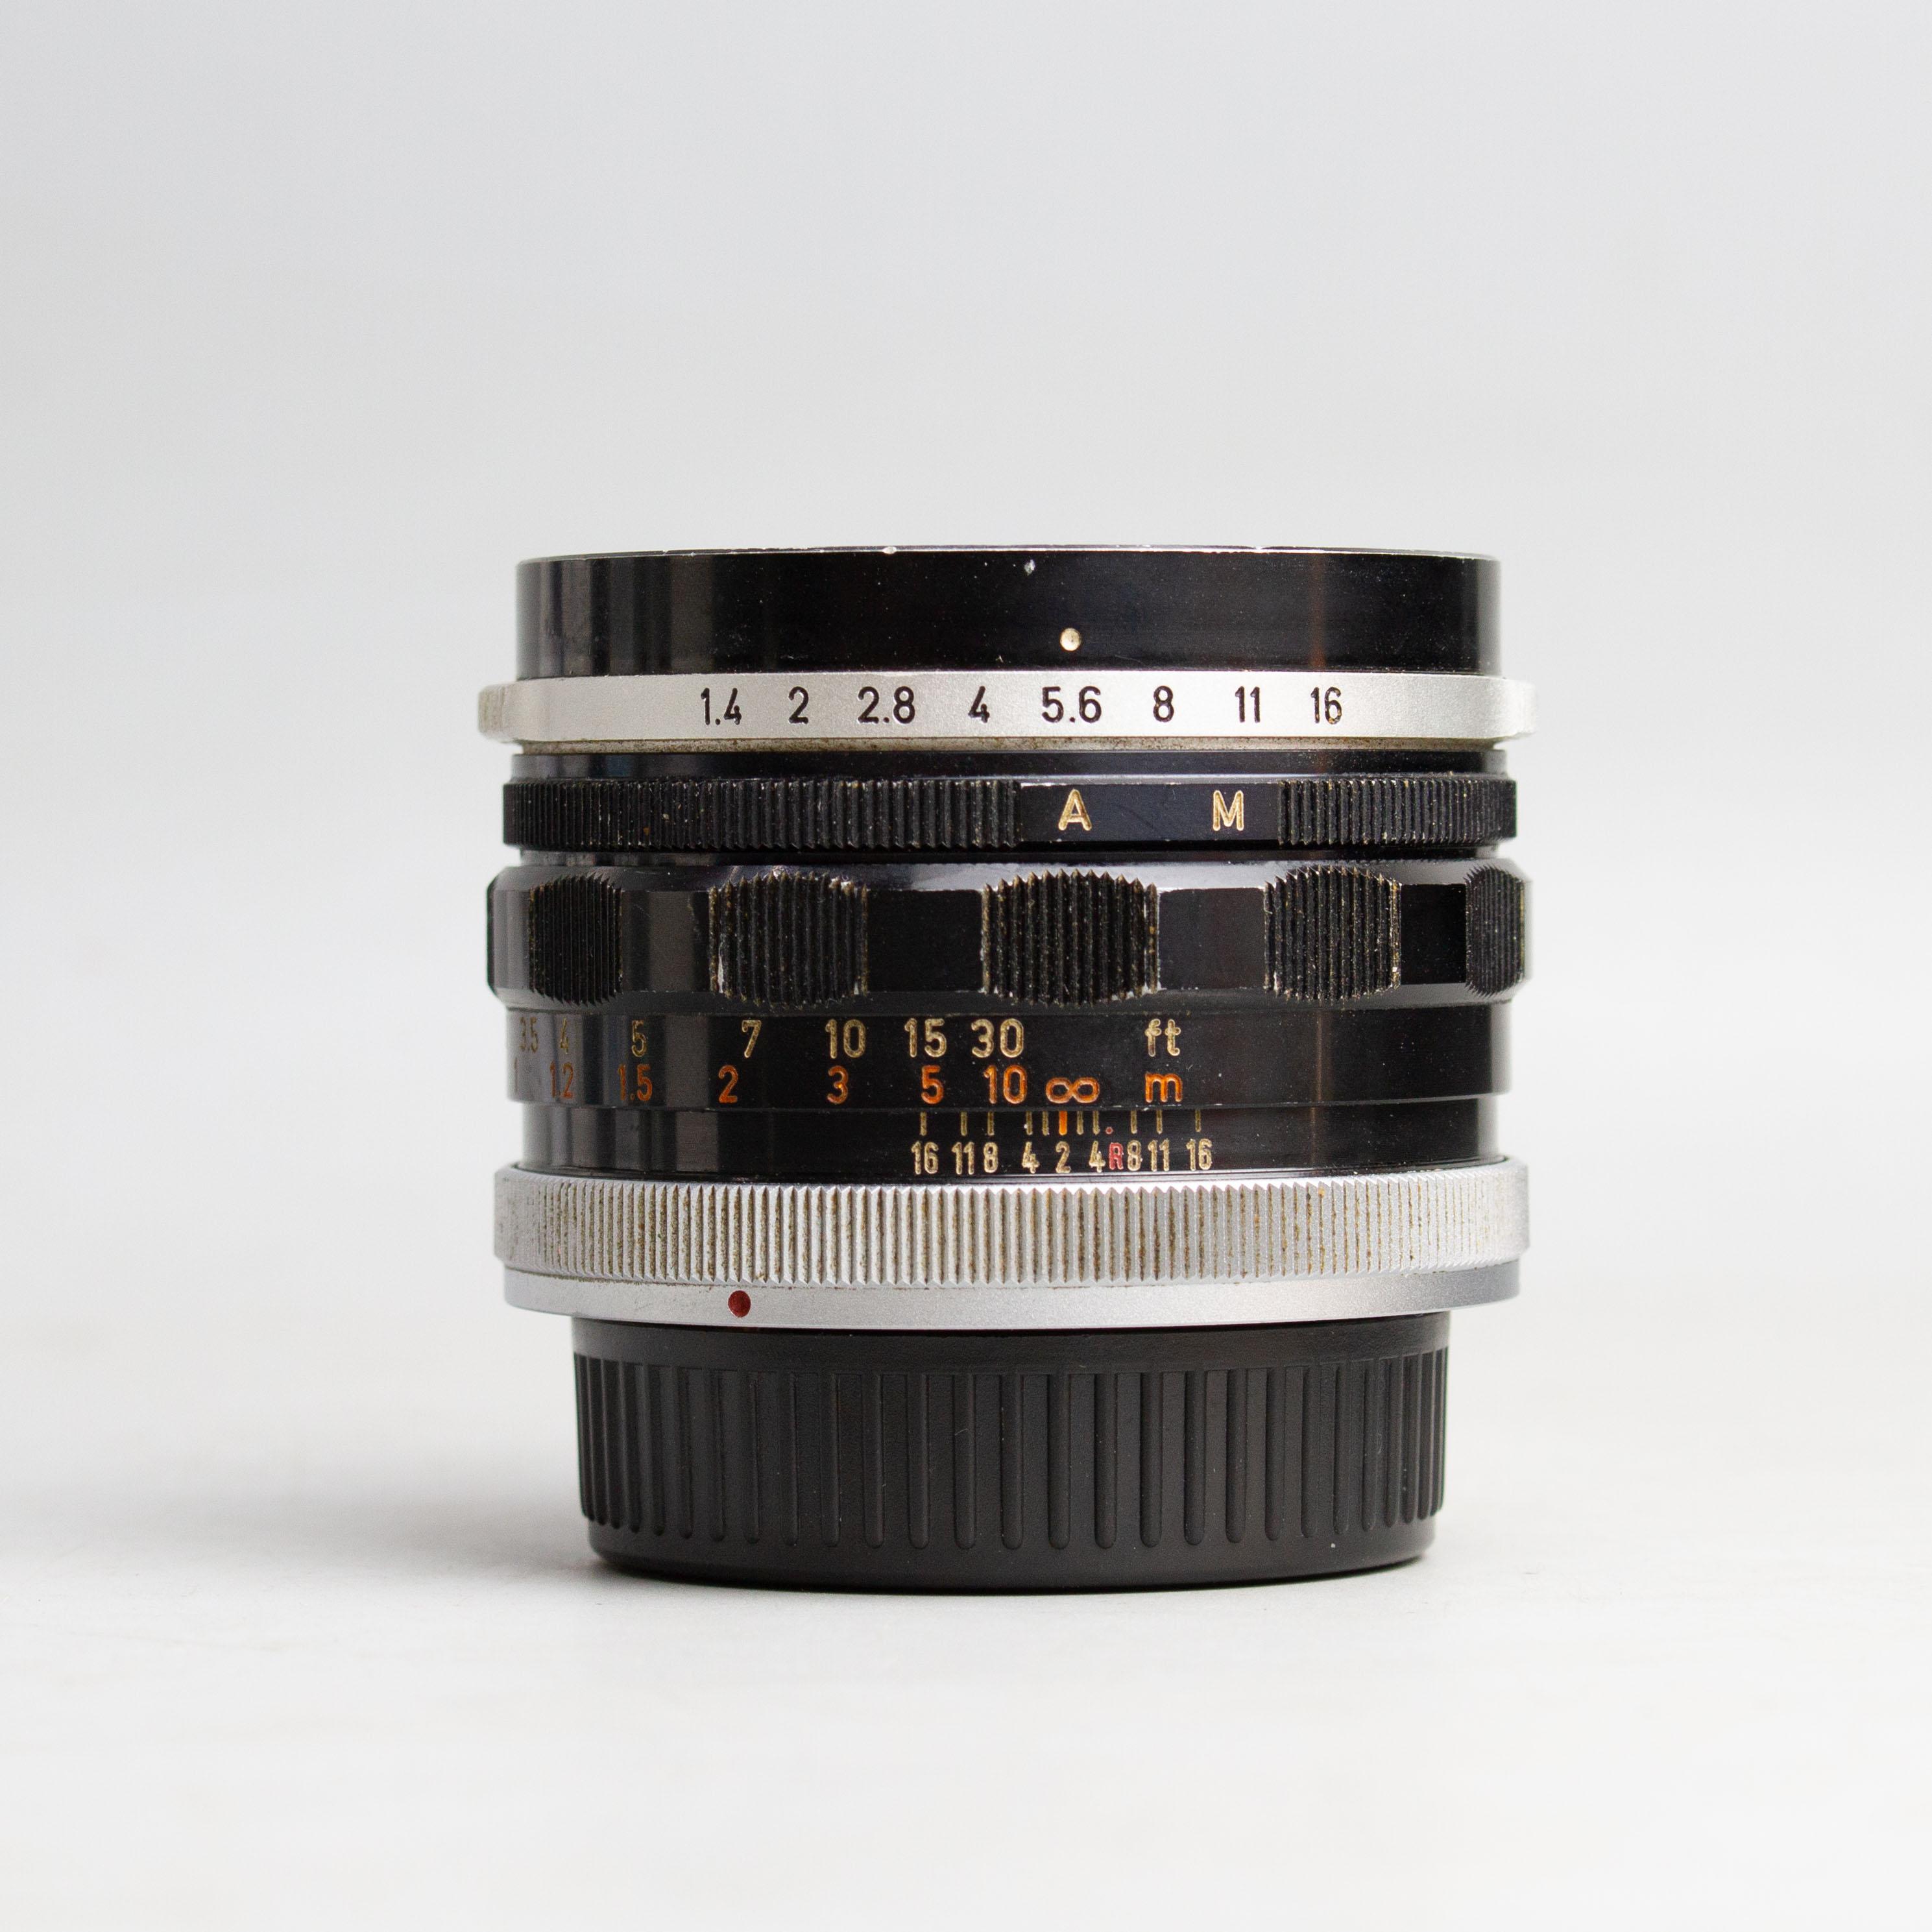 canon-50mm-f1-4-fl-50-1-4-15760